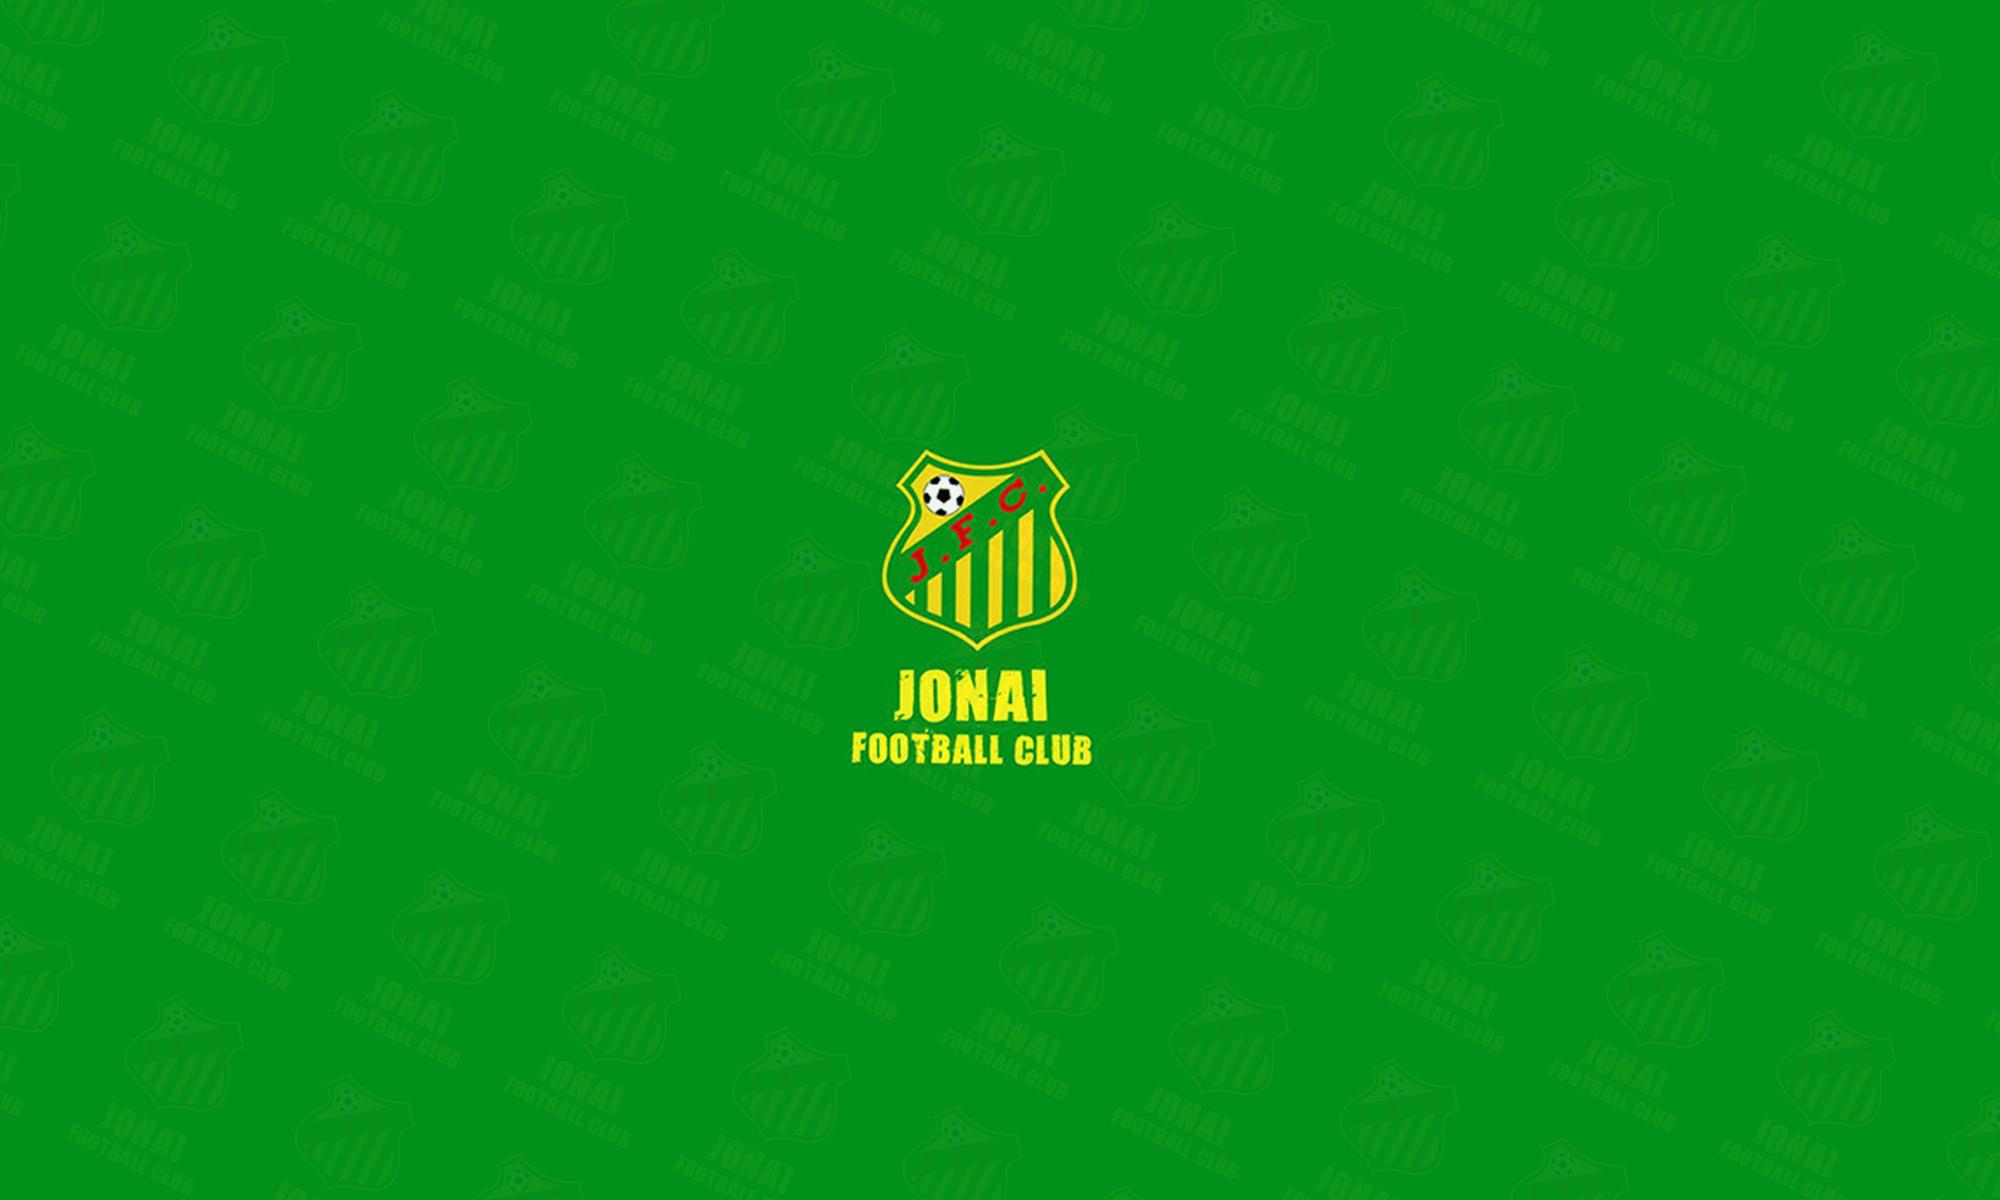 静岡城内フットボールクラブ